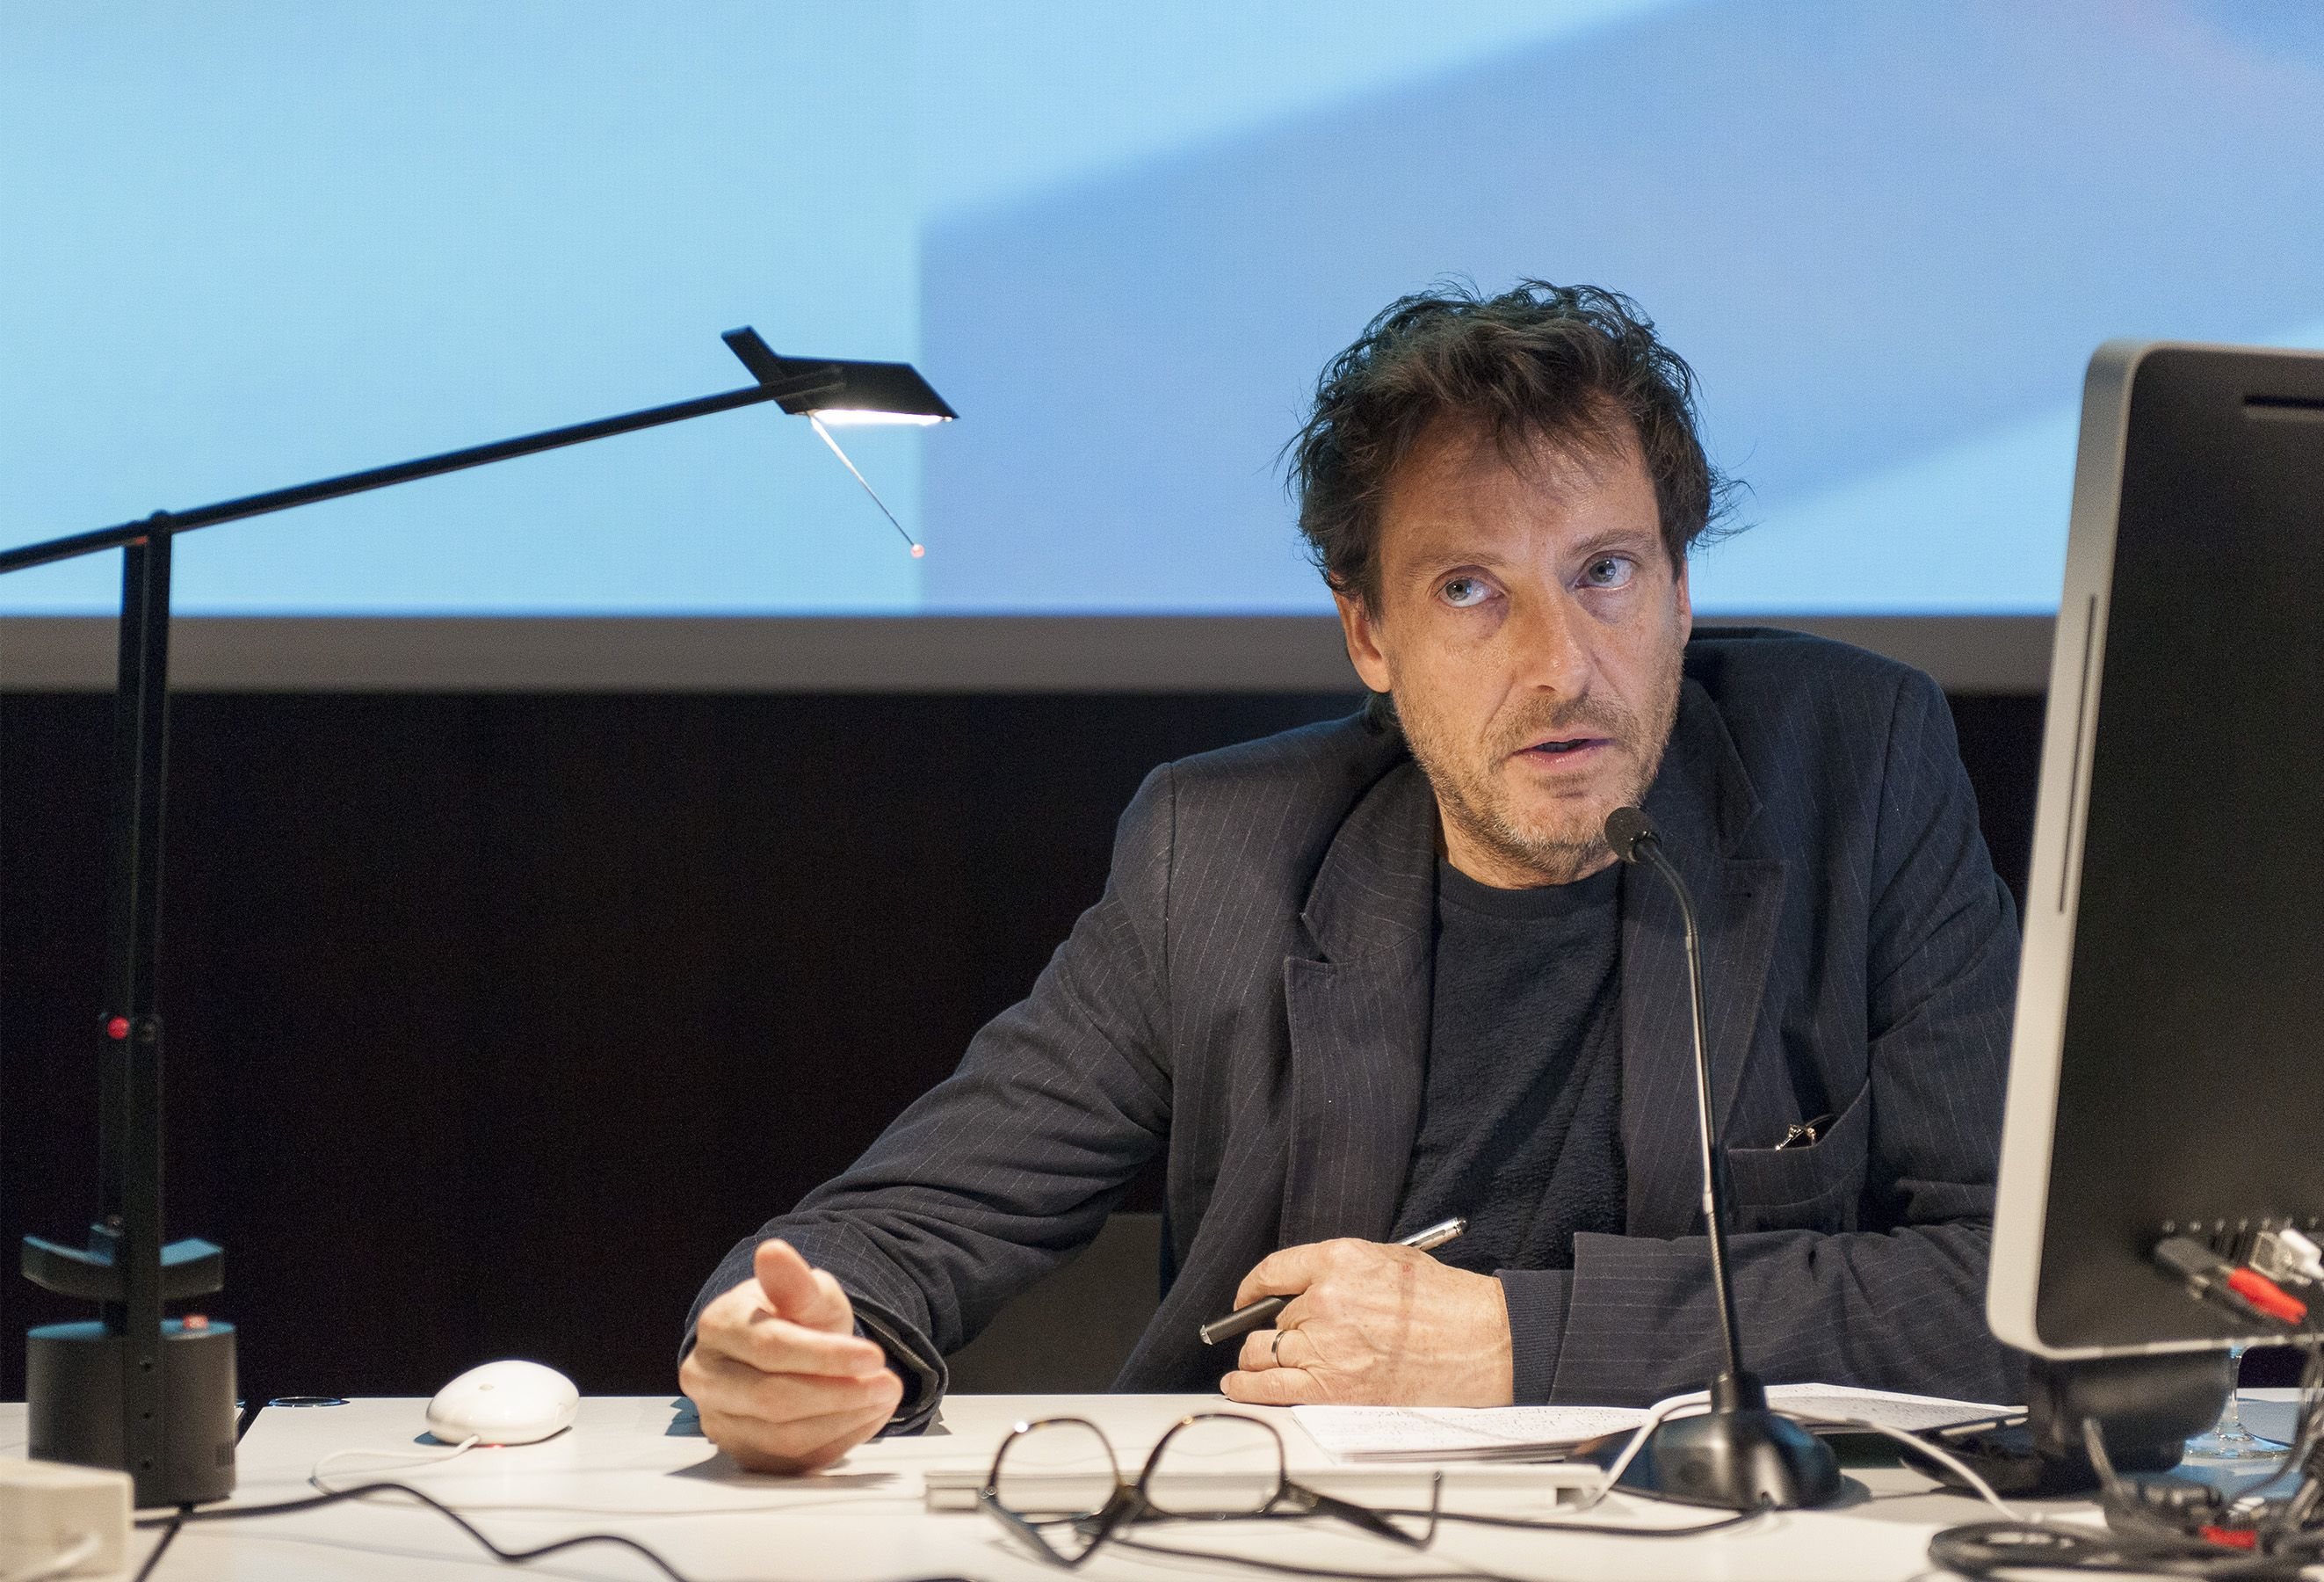 pierre charpin Important Lessons from Pierre Charpin at Maison et Objet Paris 2017 pierre charpin maison objet paris